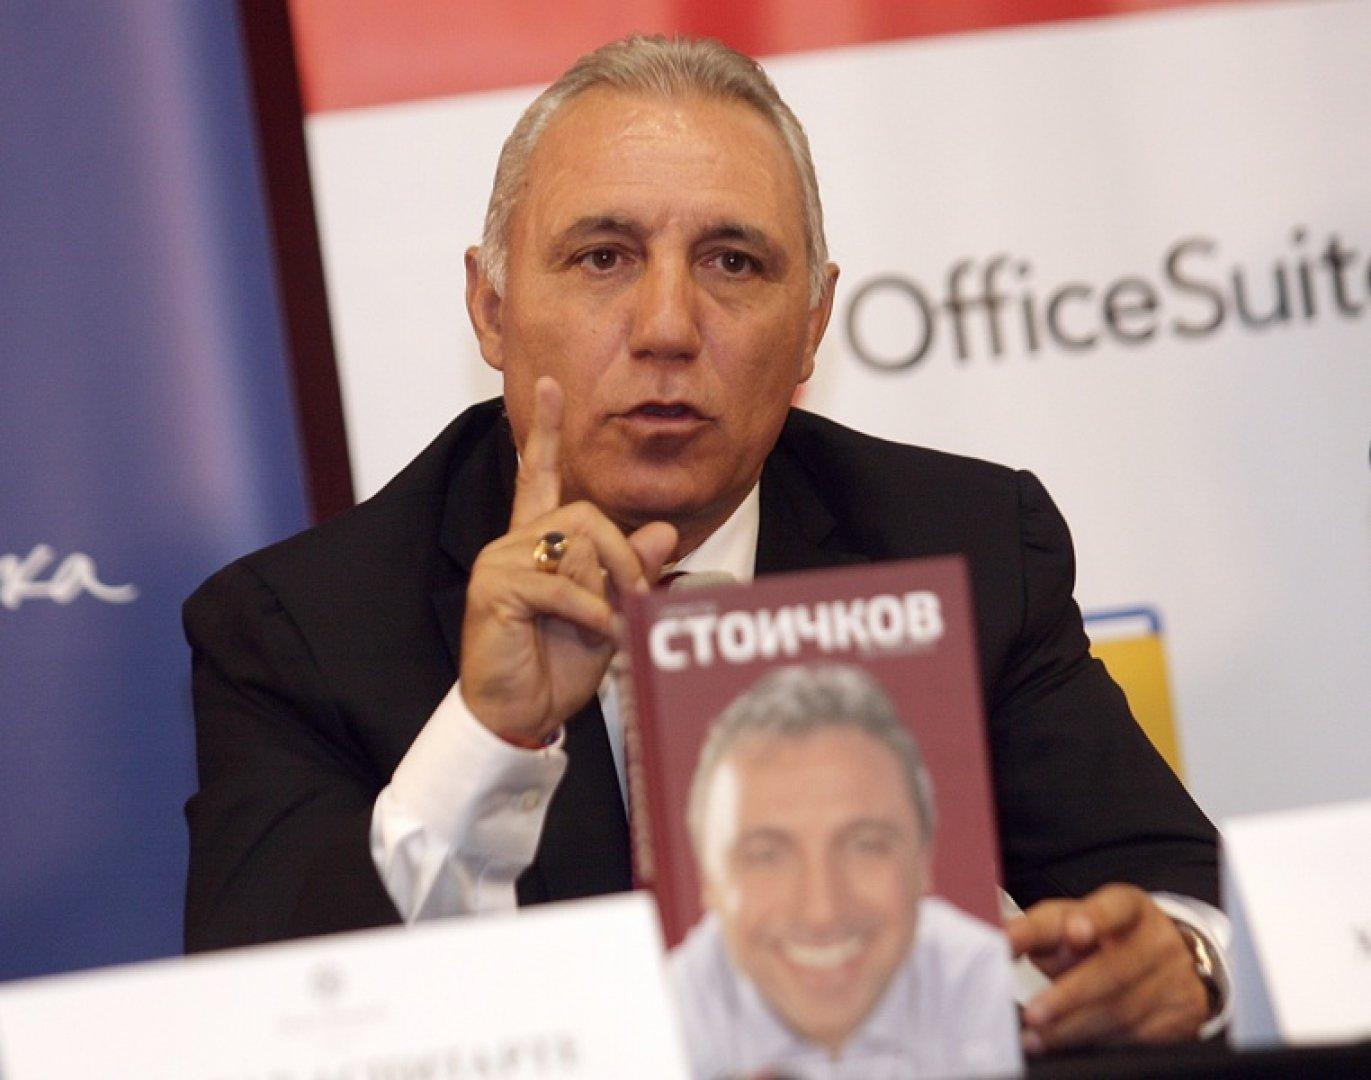 Стоичков ще раздава автографи на феновете си в Бургас. Снимка Flashnews.bg